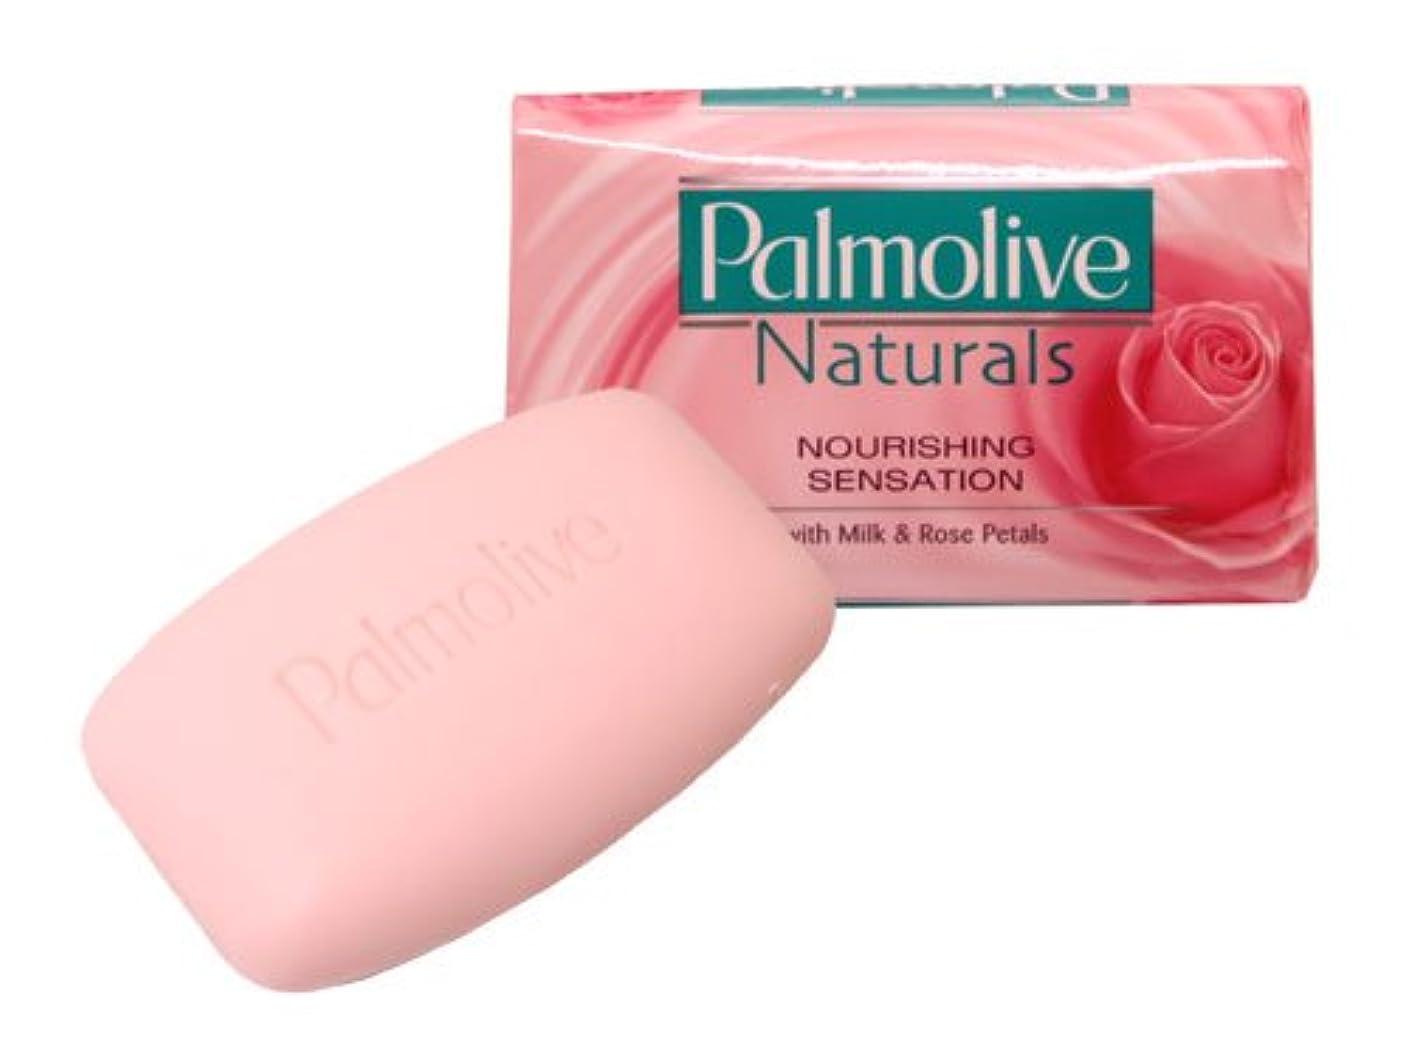 趣味歌手支援する【Palmolive】パルモリーブ ナチュラルズ石鹸3個パック(ミルク&ローズ)